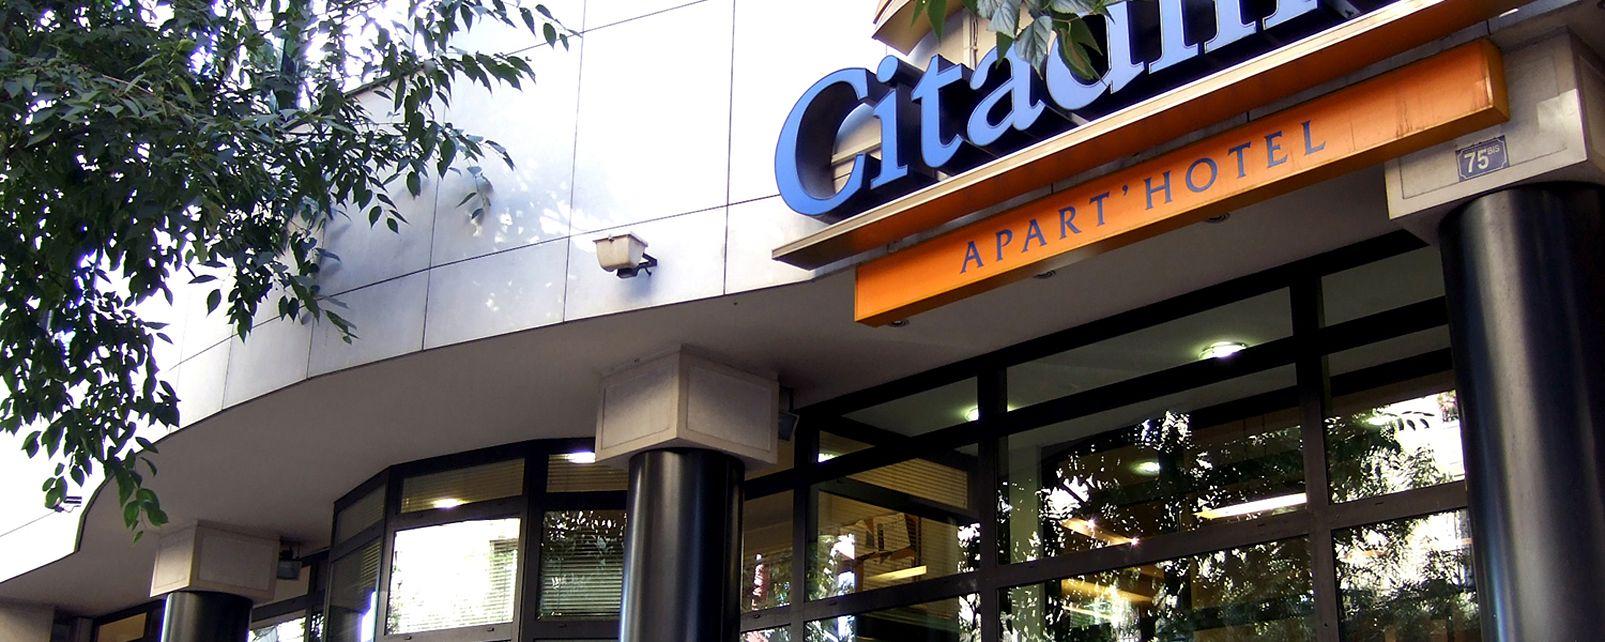 H tel citadines apart 39 paris voltaire r publique for Apart hotel citadines